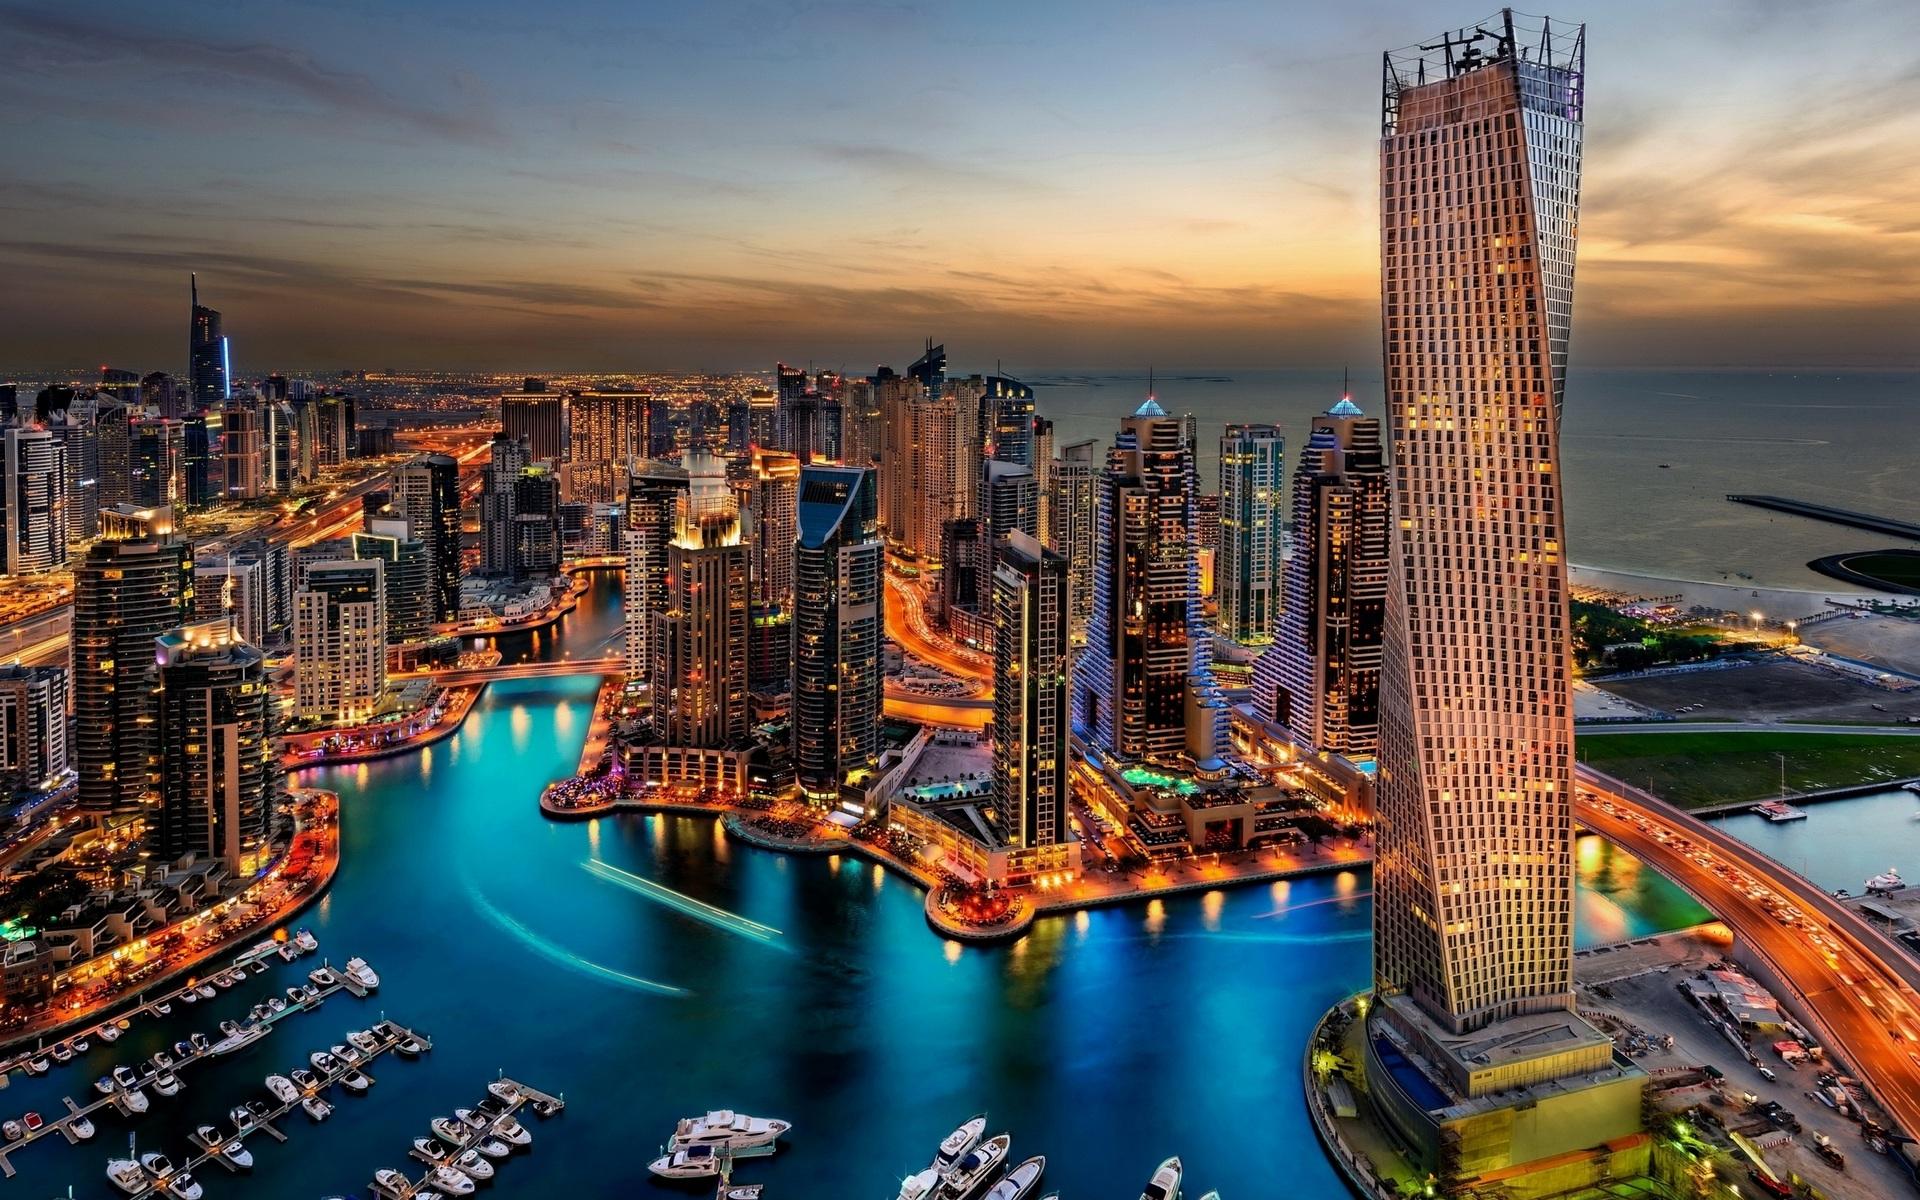 ОАЭ - богатейшая страна